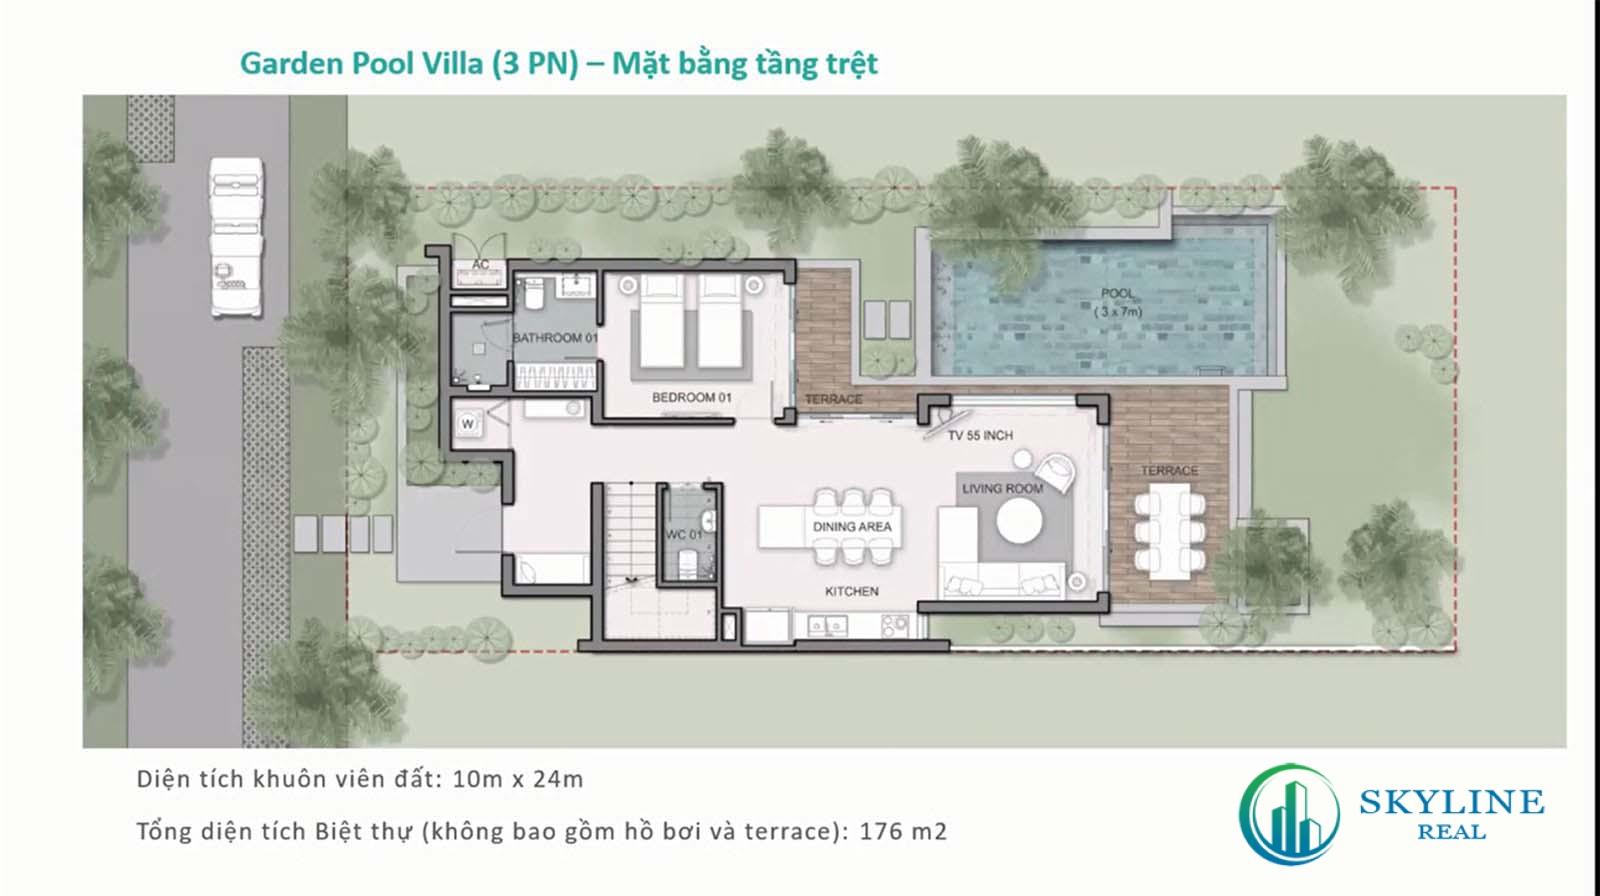 Layout biệt thự Maia Quy Nhơn Garden pool villa 3 phòng ngủ